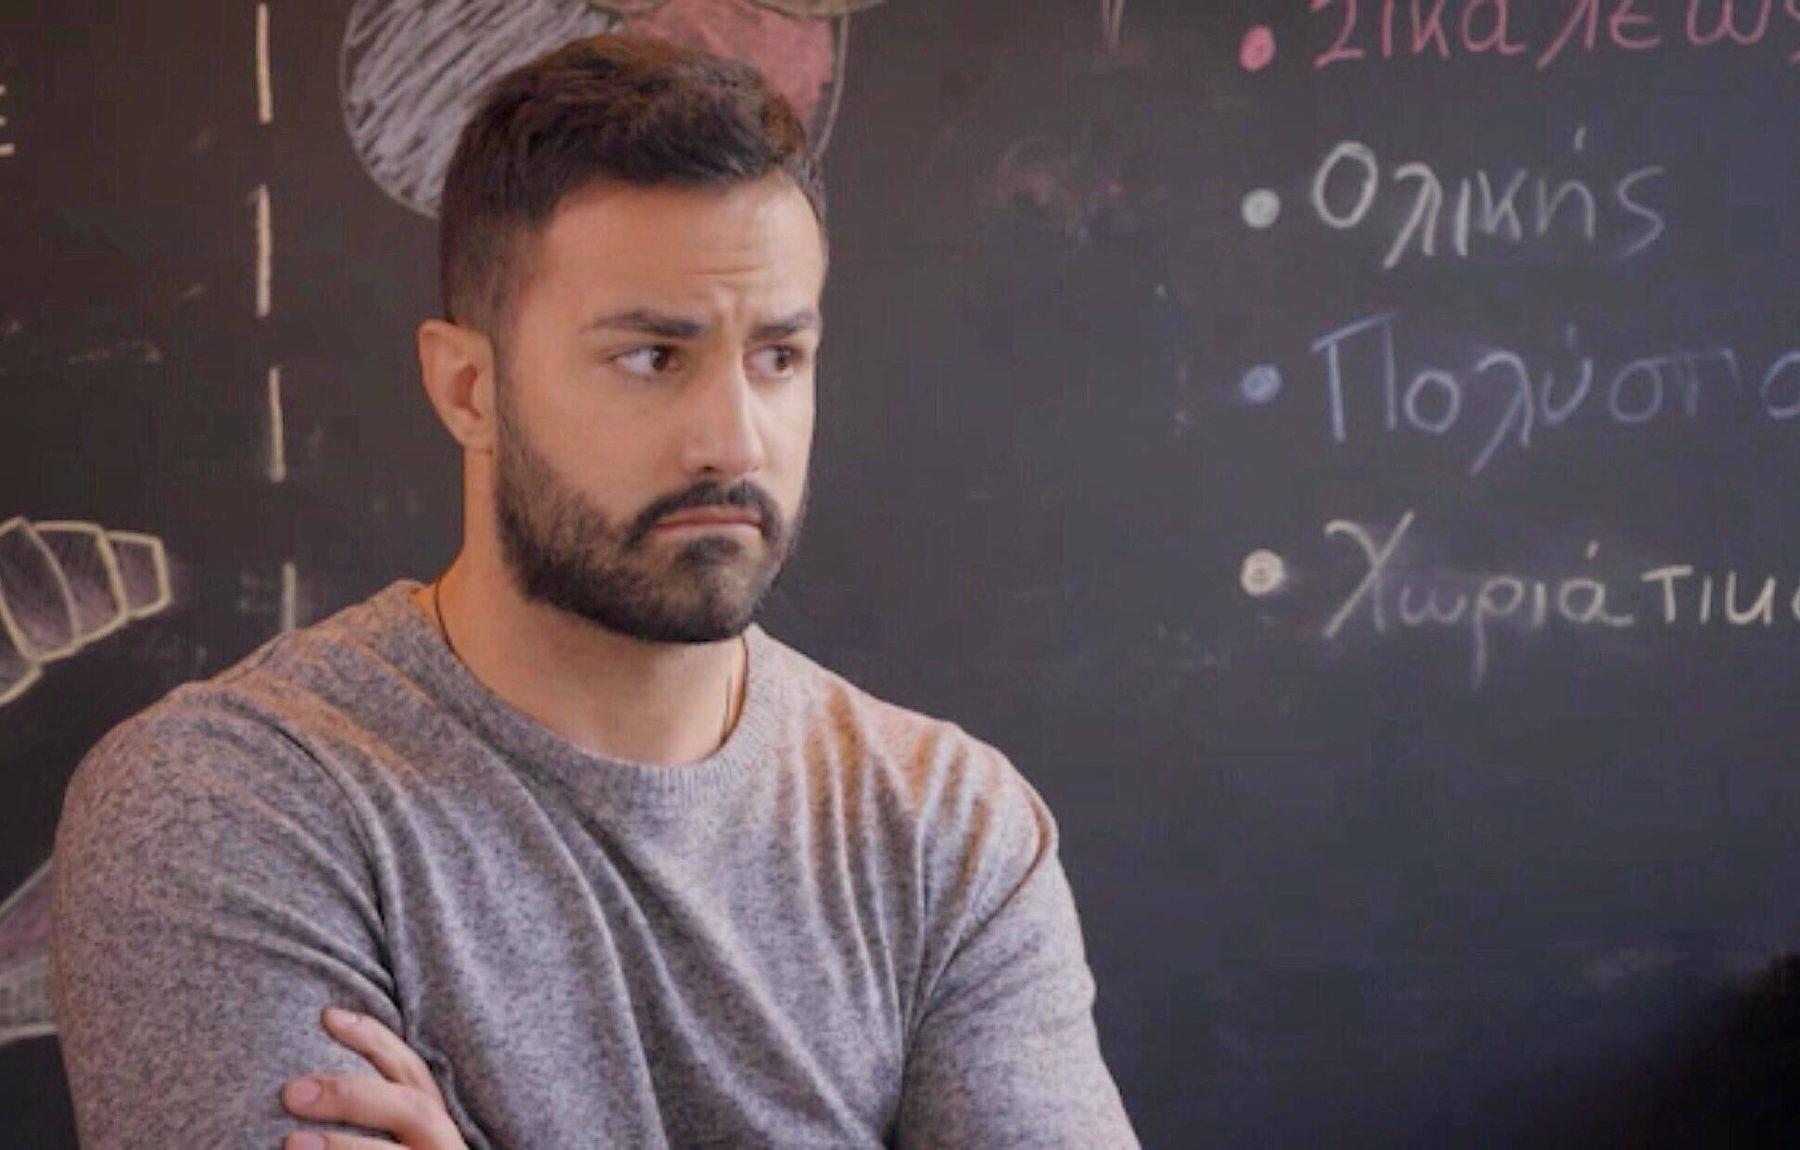 Νίκος Αναγνωστόπουλος: «Μόλις τελείωσε η σειρά ήρθαν τα πάνω κάτω, δεν ήξερα που πάω» δήλωσε συγκινημένος ο ηθοποιός